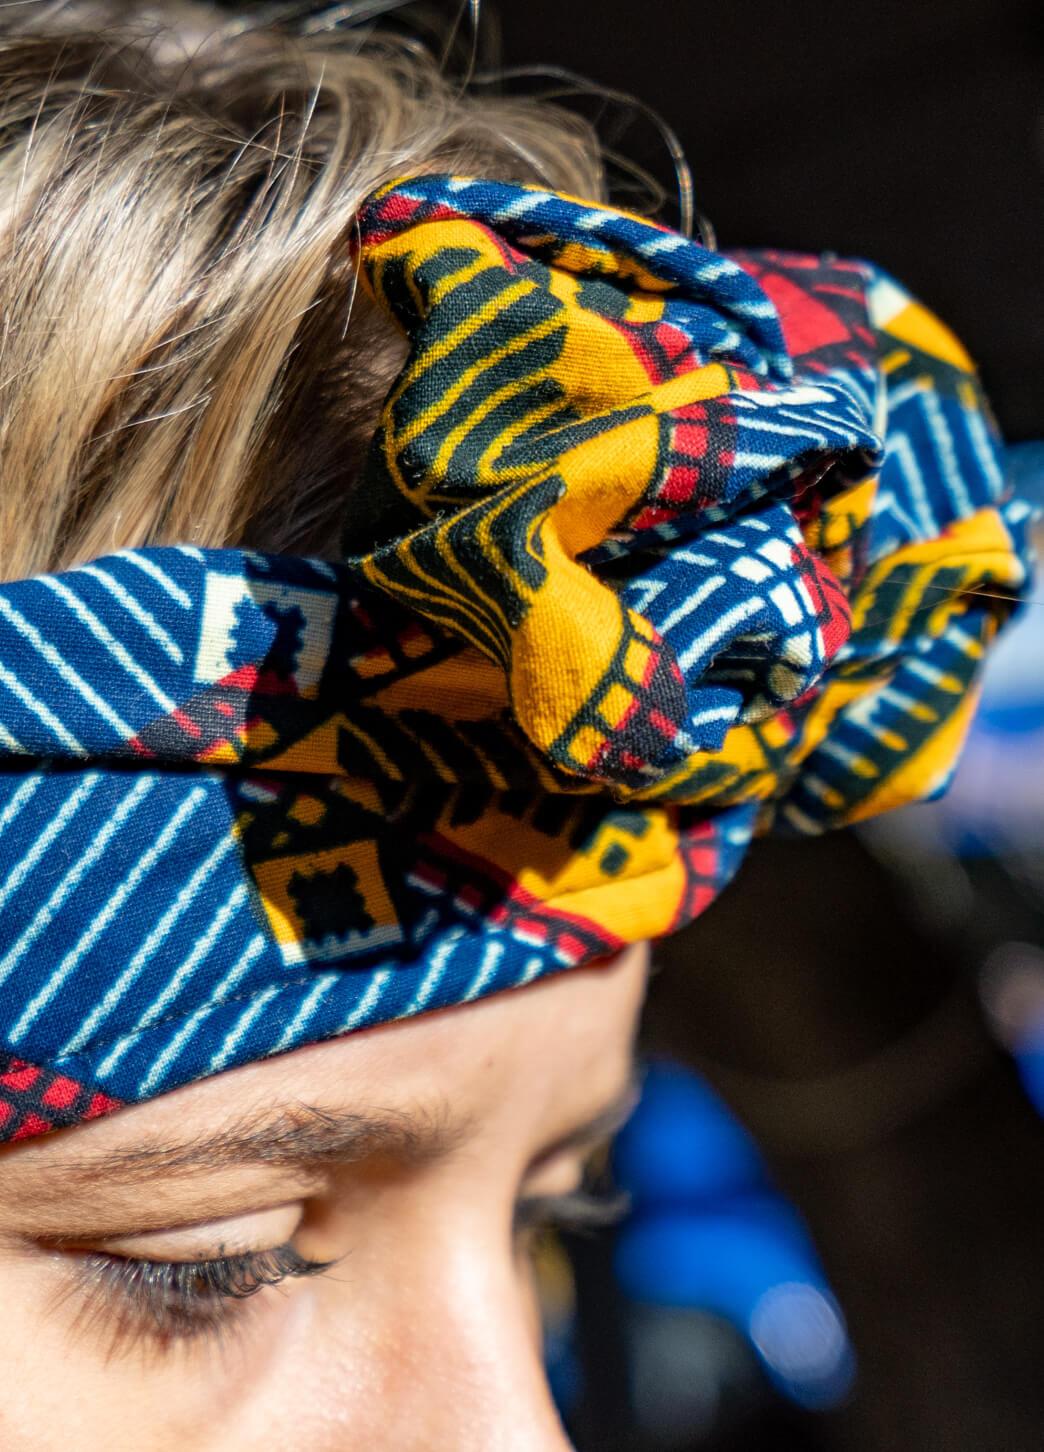 headband-moea-wax-afrique-gombe